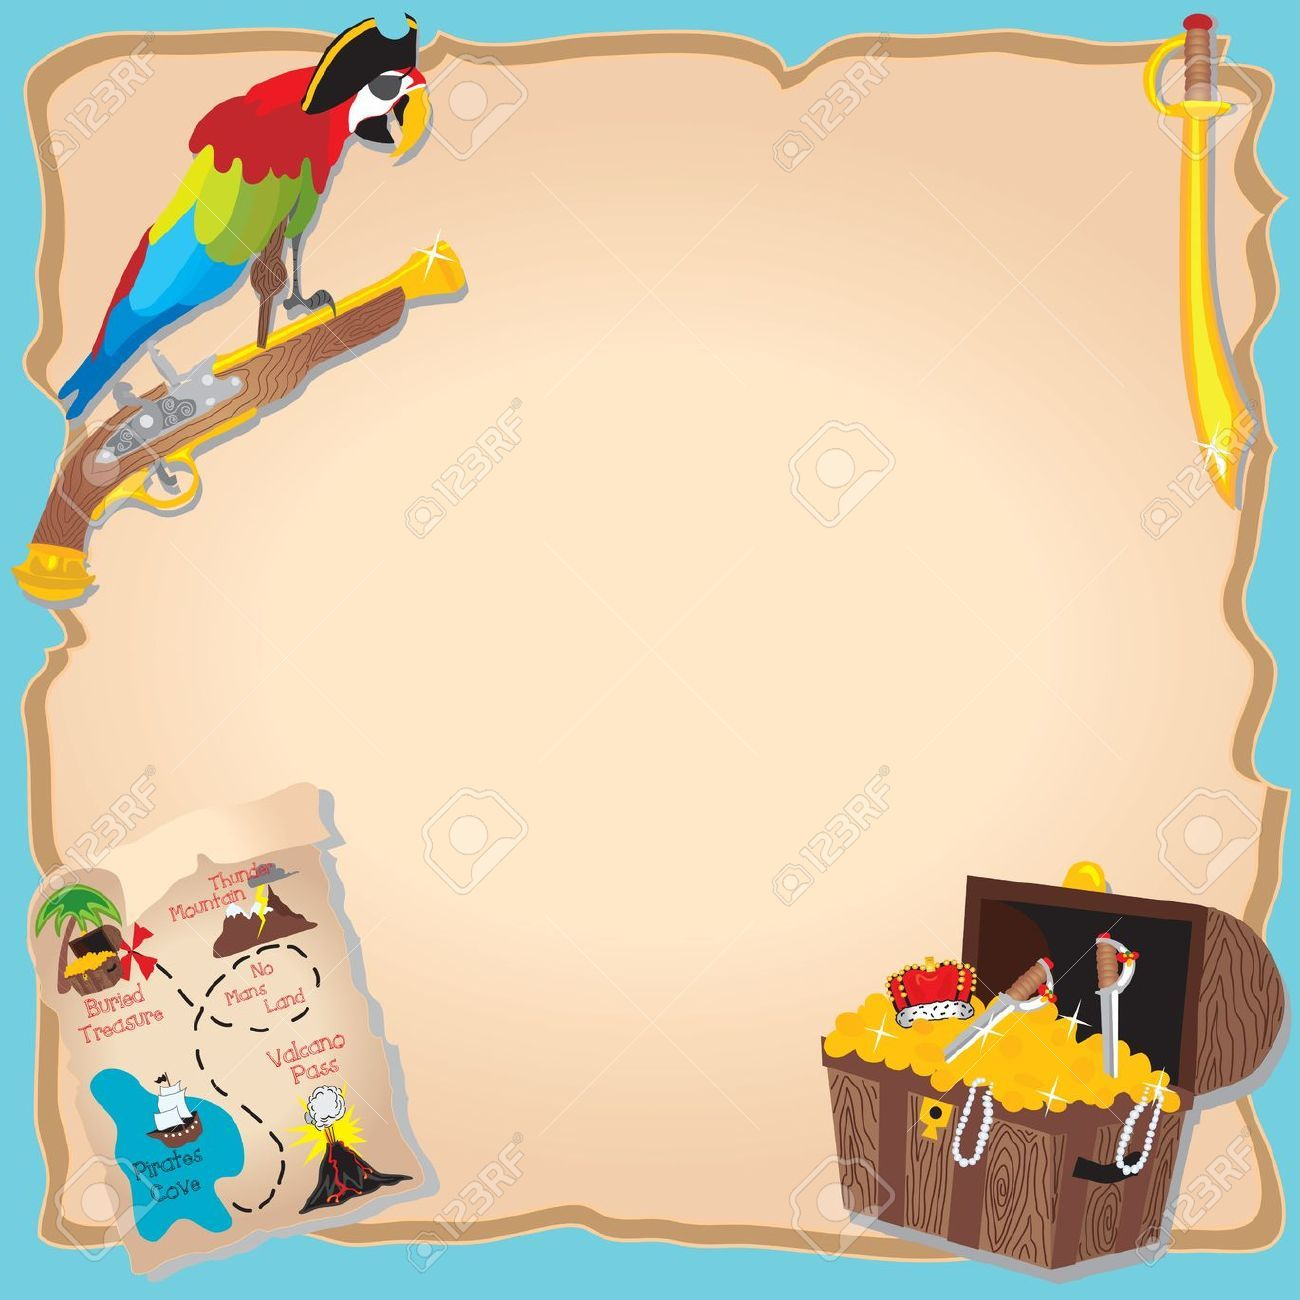 Mappe Del Tesoro Pirate Birthday Party Invitation Caccia Al Tesoro E Con Gambe Pappagallo Feste Di Compleanno A Tema Pirata Mappe Del Tesoro Caccia Al Tesoro